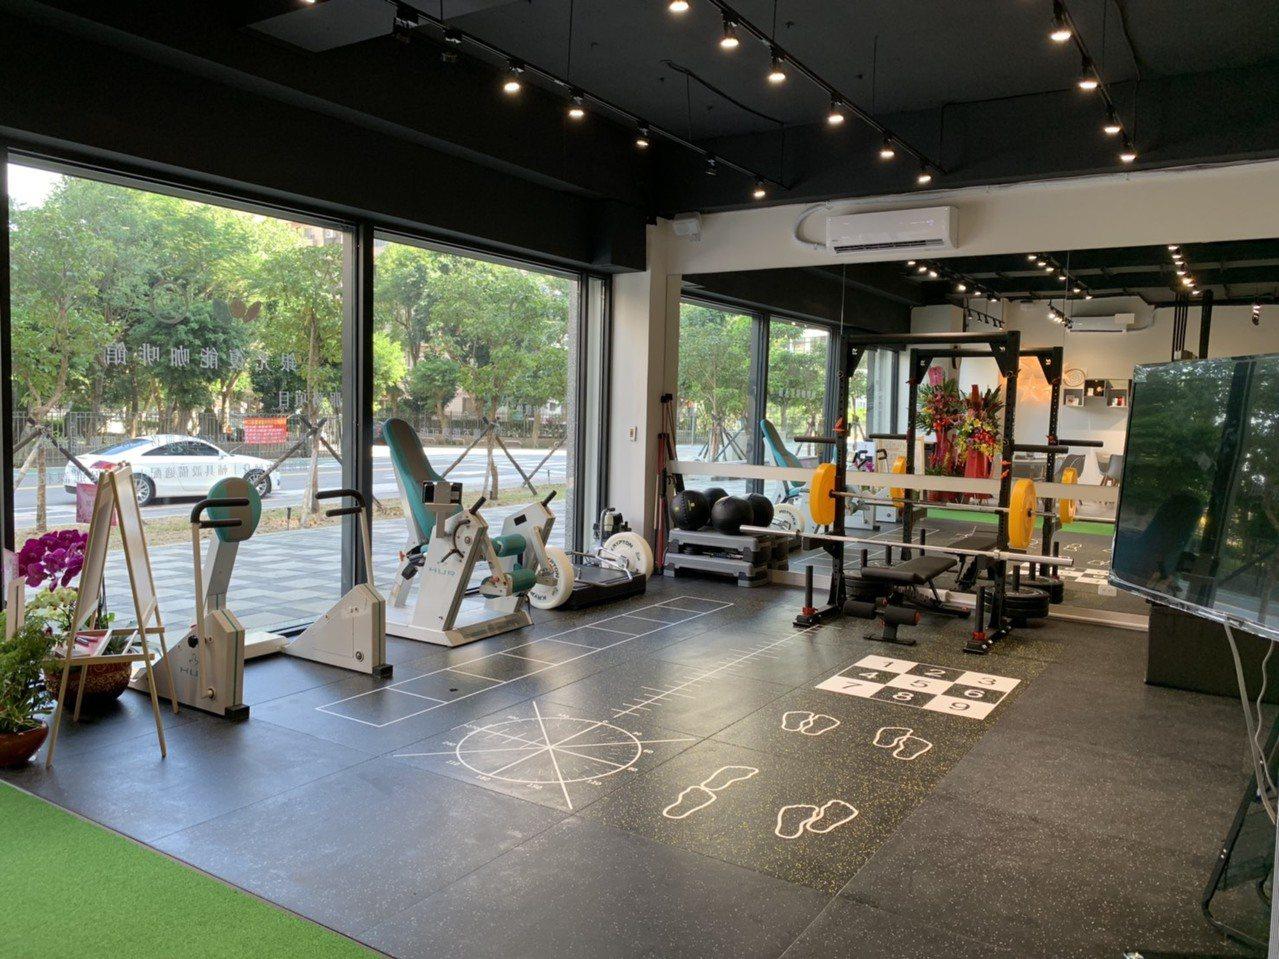 林口銀光咖啡館今天開幕,這也是新北市第3間長照創新服務據點,同時具復健、健身及閱...